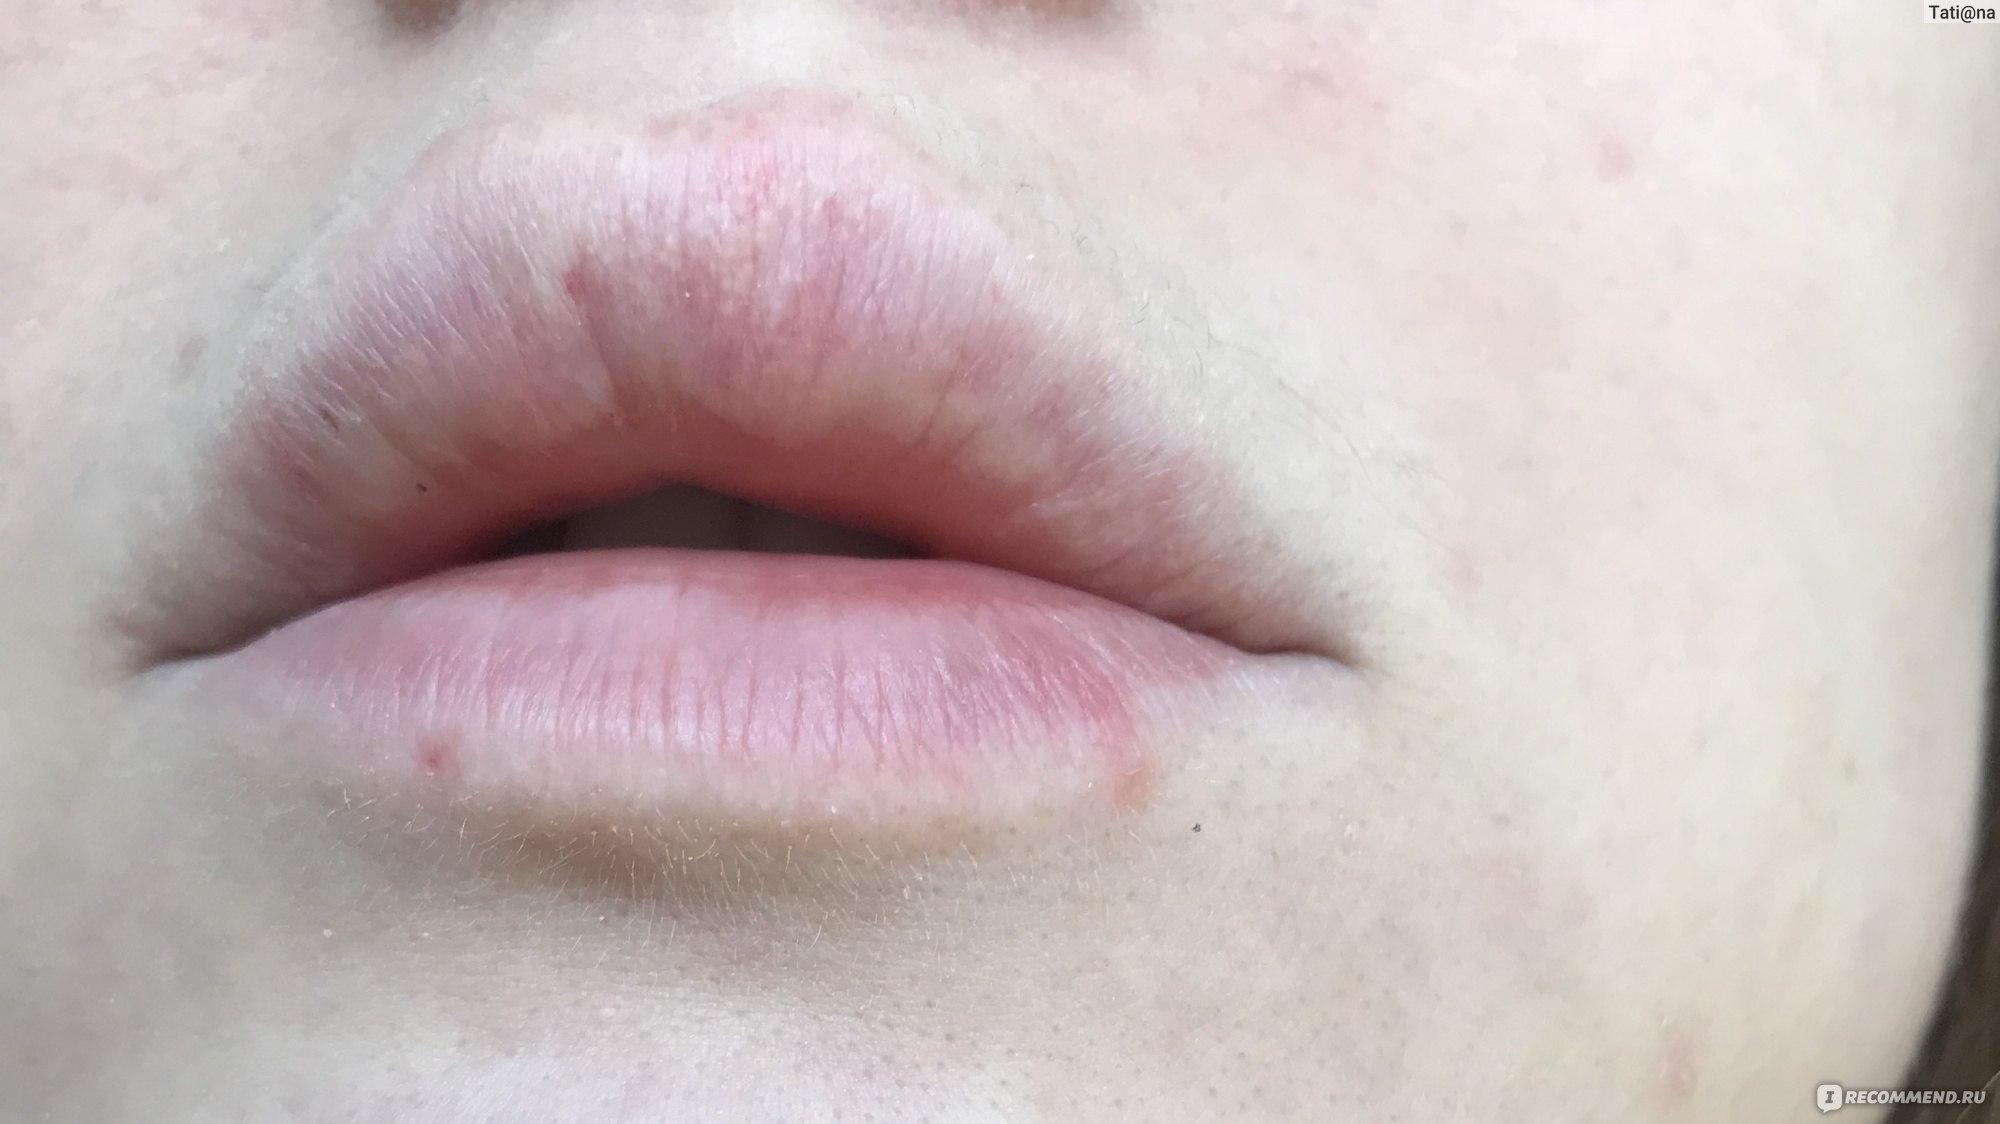 Симптомом какого заболевания являются белые точки на губах и как их убрать